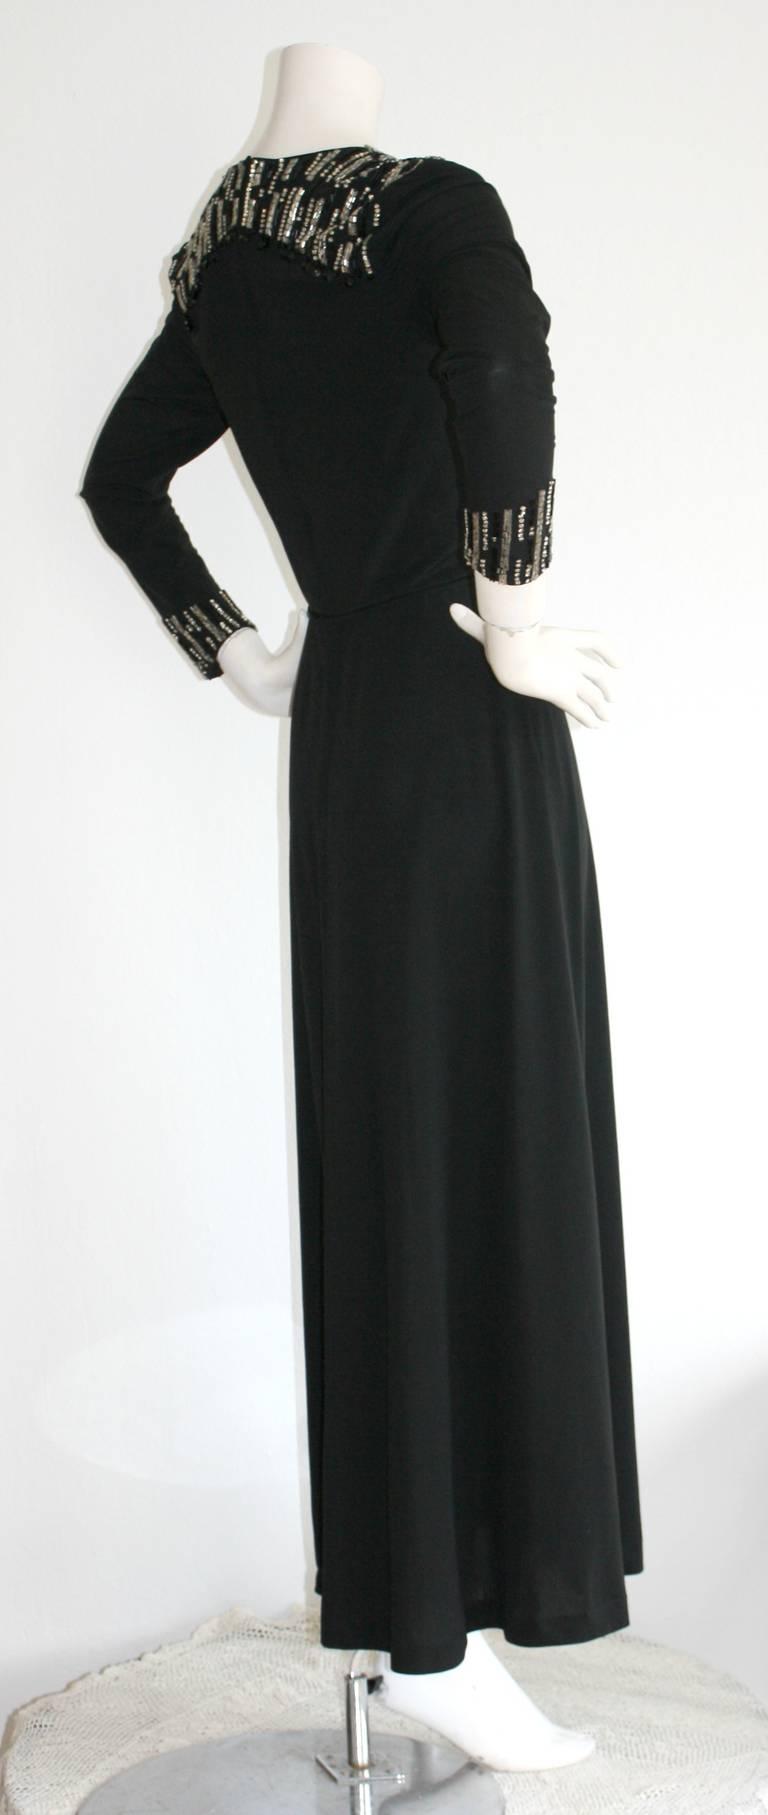 mr blackwell custom vintage dress rhinestones and jewels